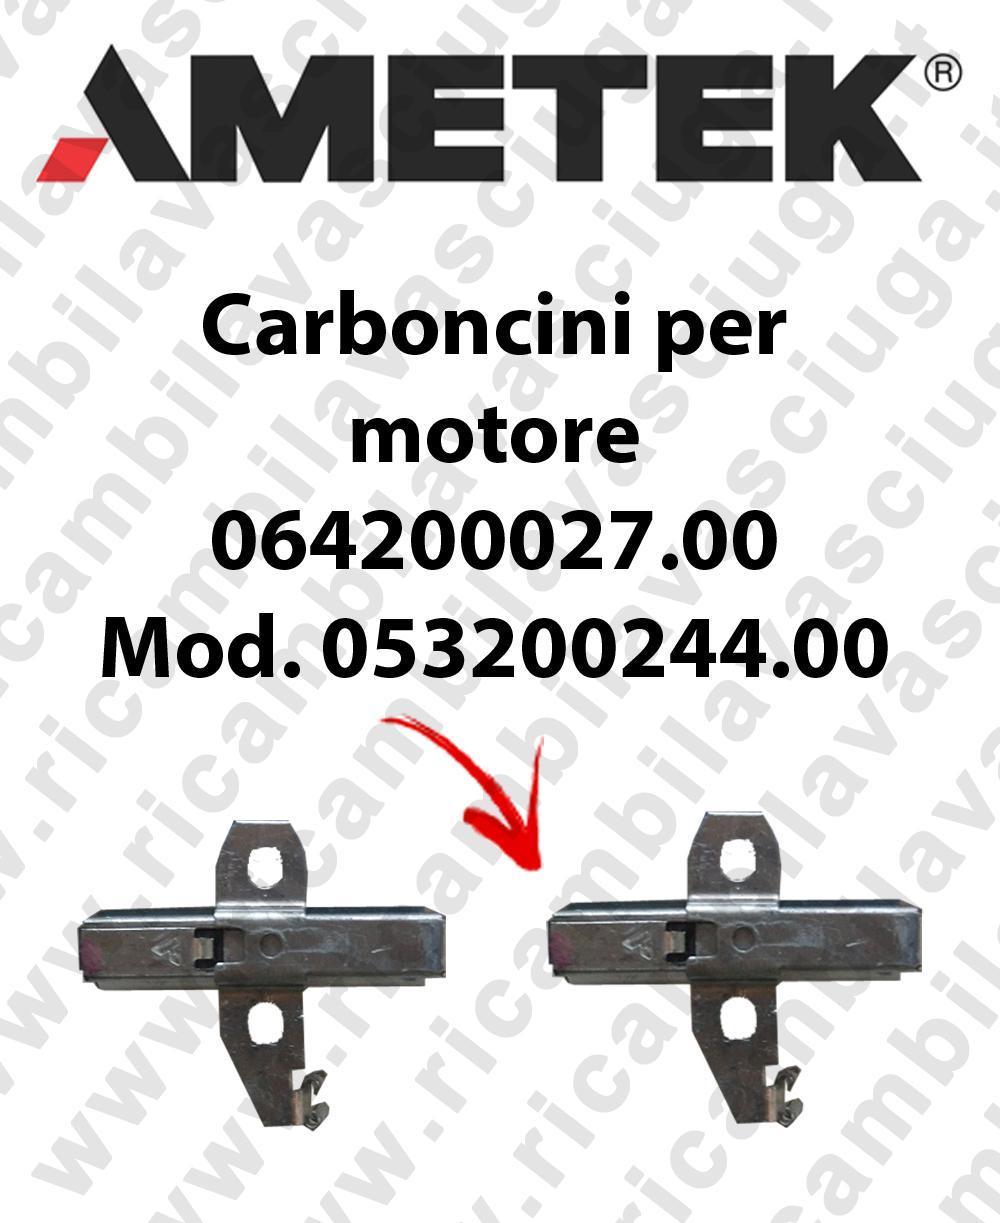 COPPIA di Carboncini Motore  aspirazione para motore  Ametek 064200027 Cod: 053200244.00